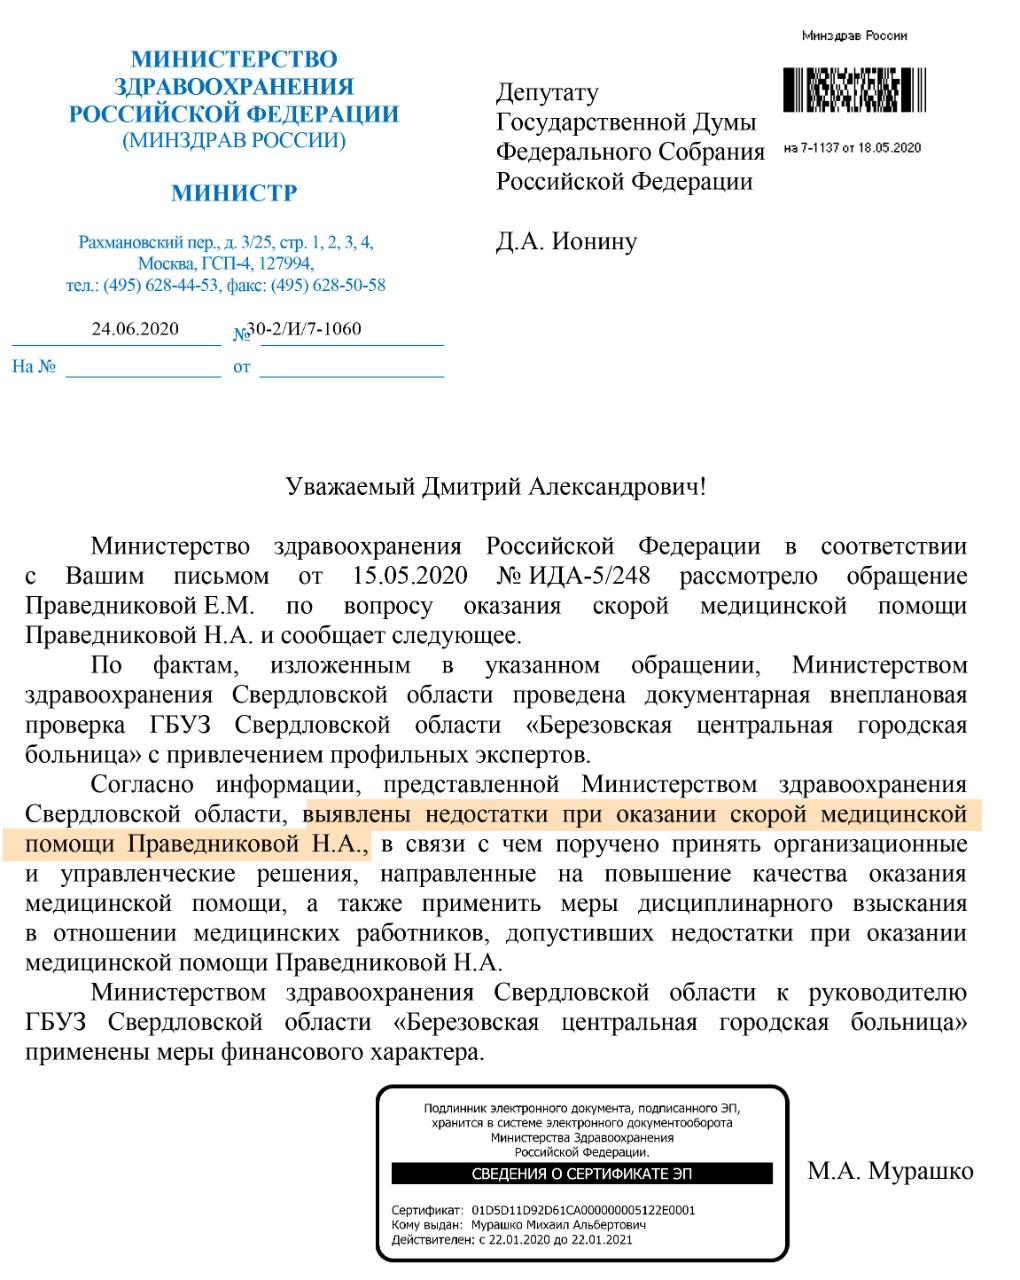 Депутат Госдумы Дмитрий Ионин направил запрос российскому министру здравоохранения Михаилу Мурашко. В ответе Минздрав признал «недостатки» оказания медпомощи